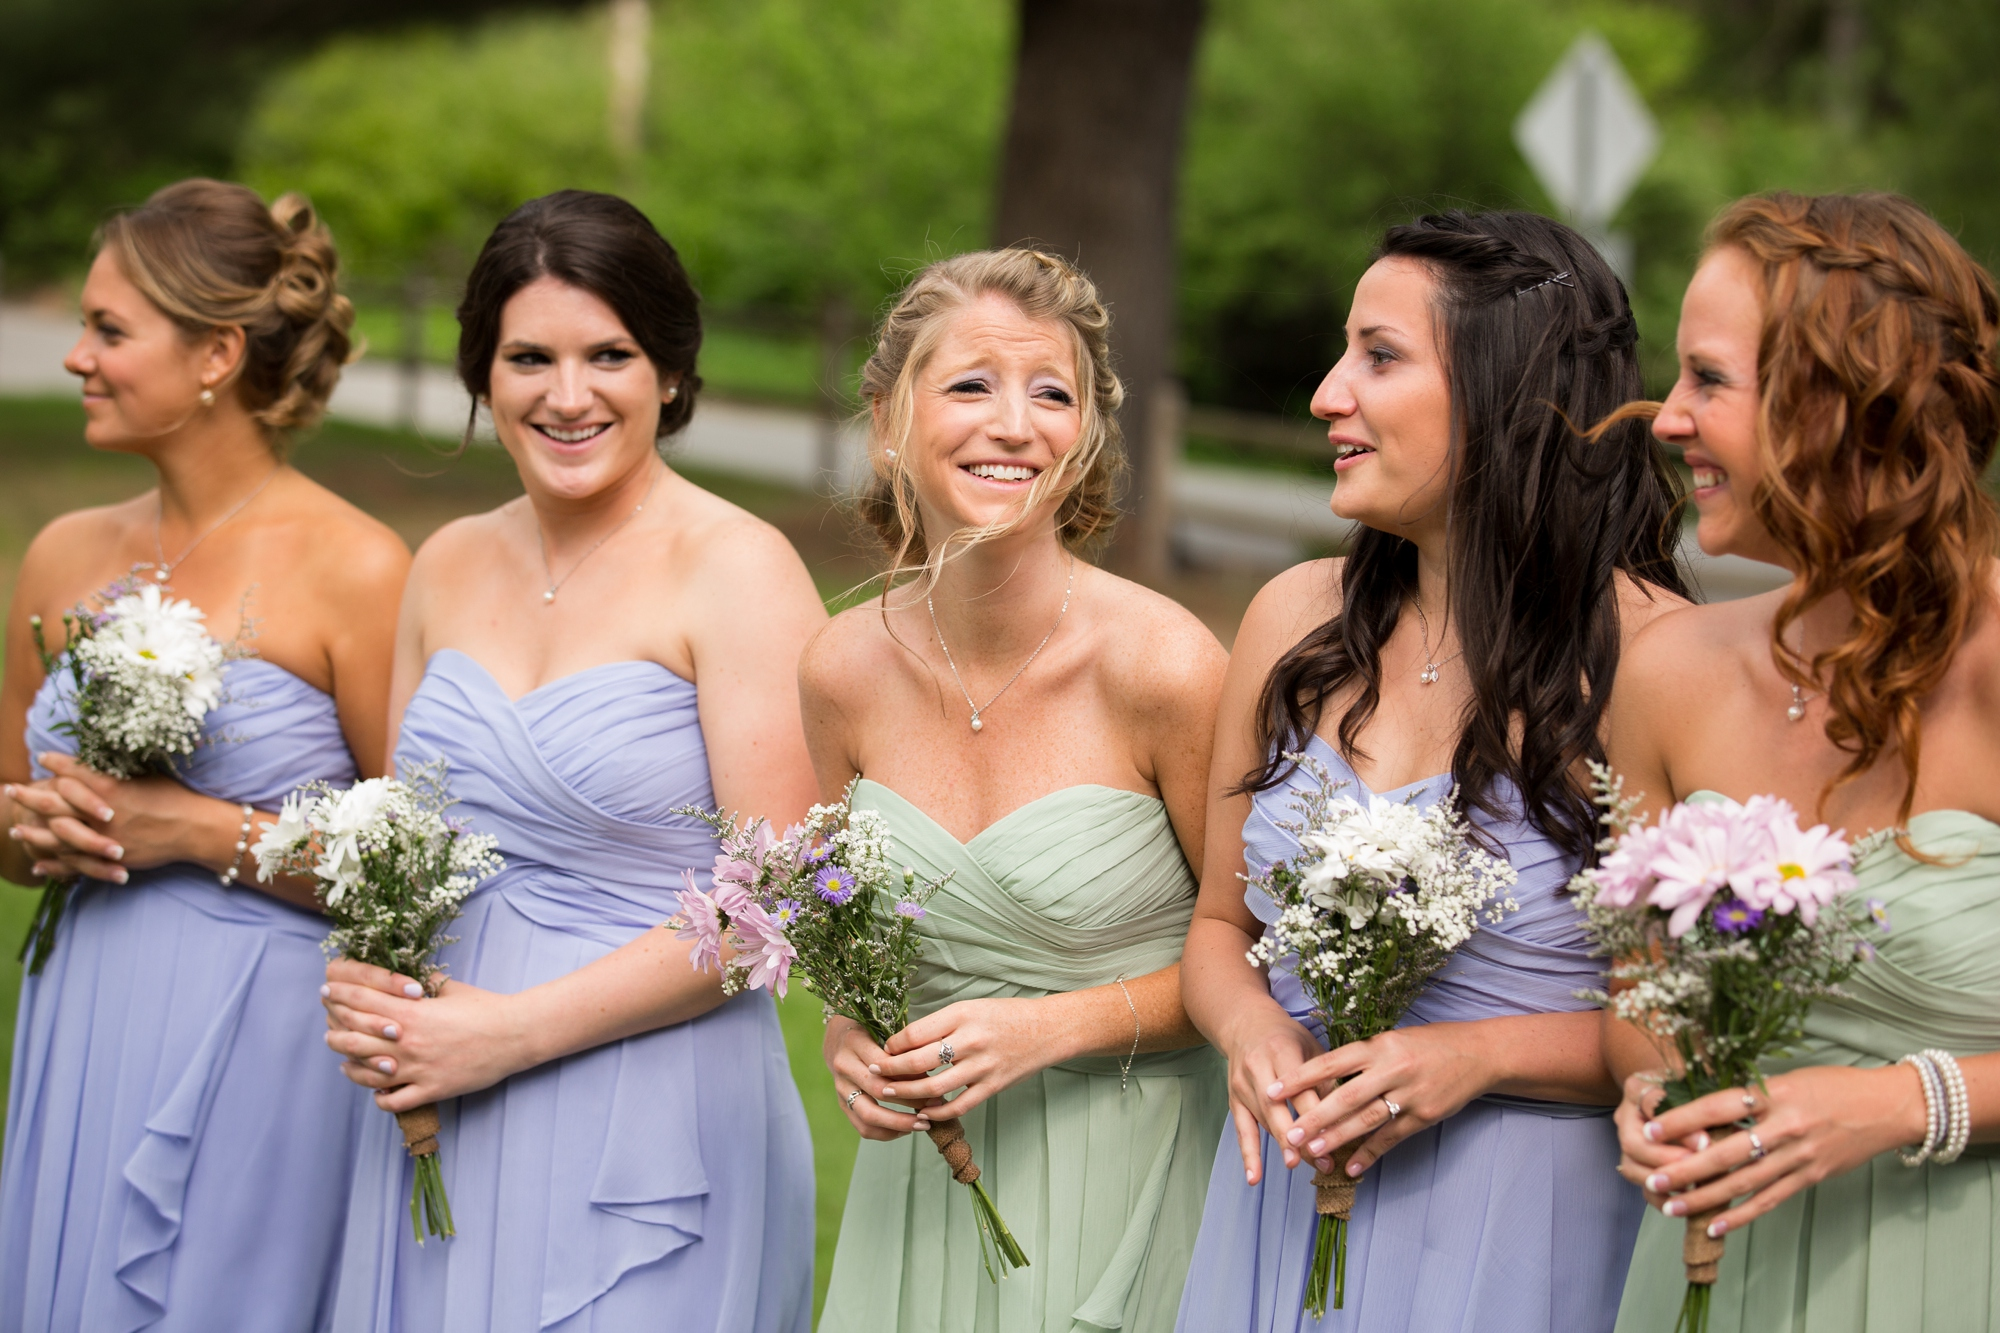 Albany NY Wedding Photographer Justin Tibbitts Photography 2014 Best of Albany NY Weddings-477511537